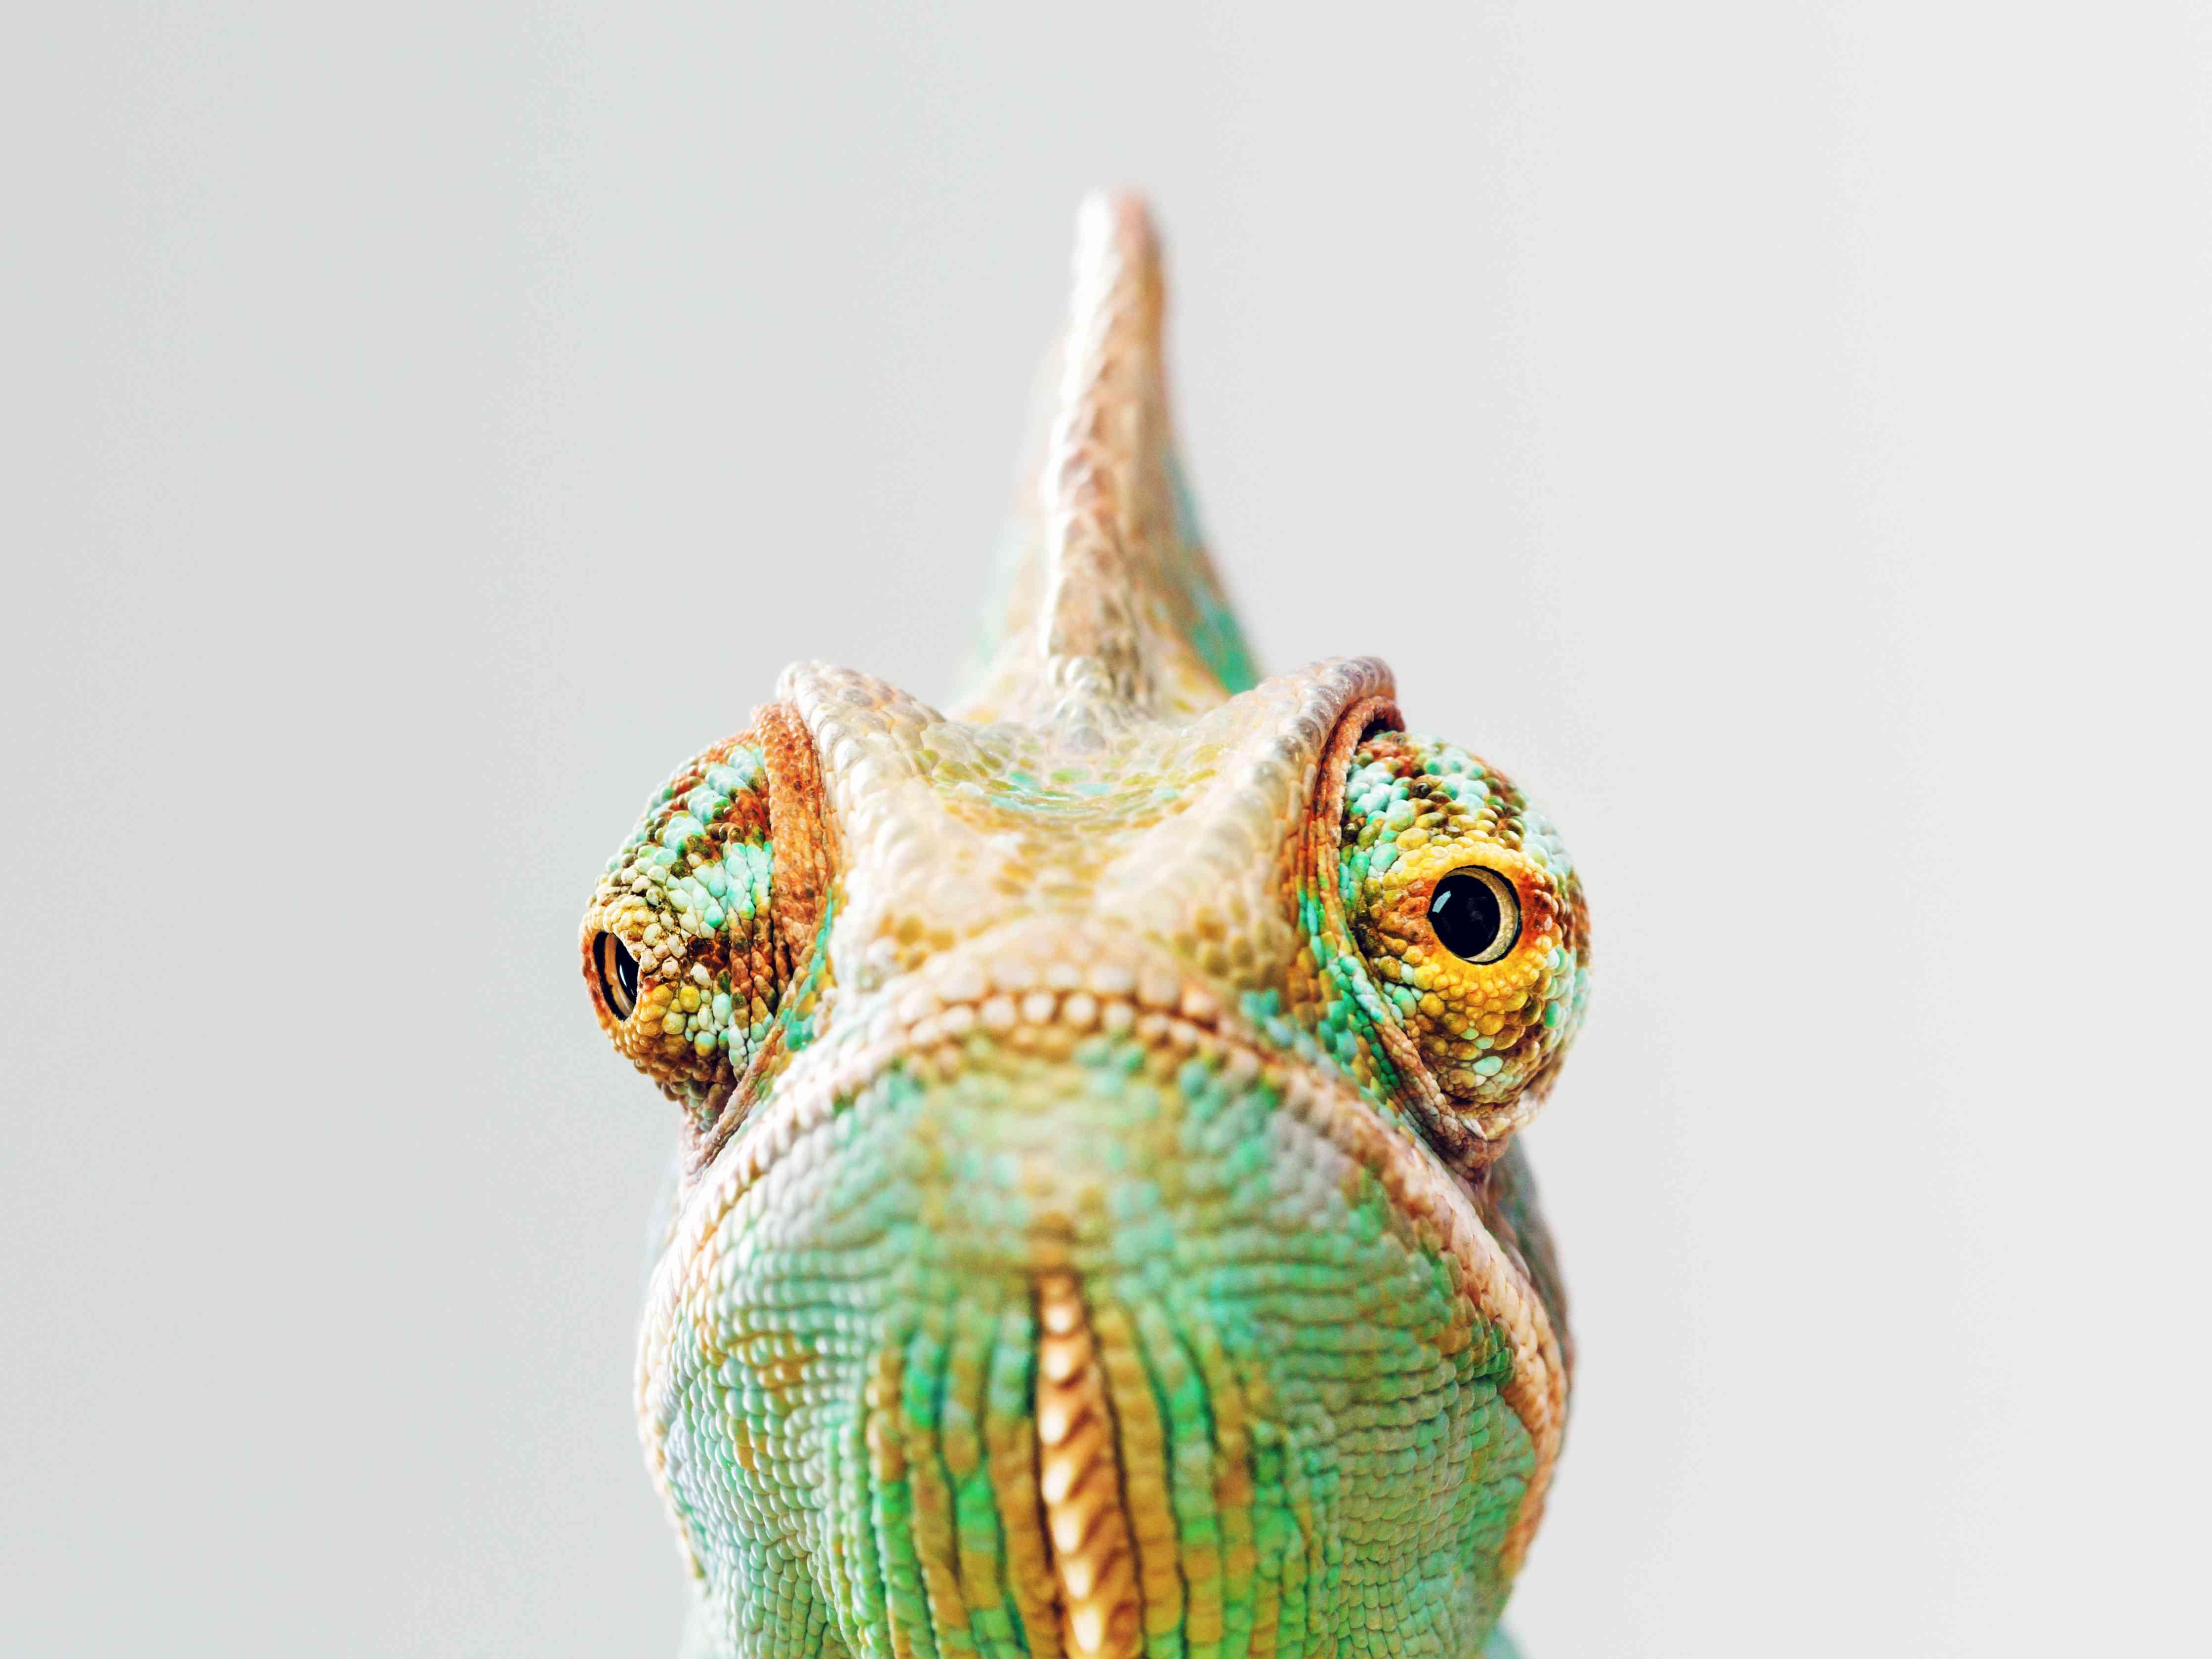 Green chameleon portrait